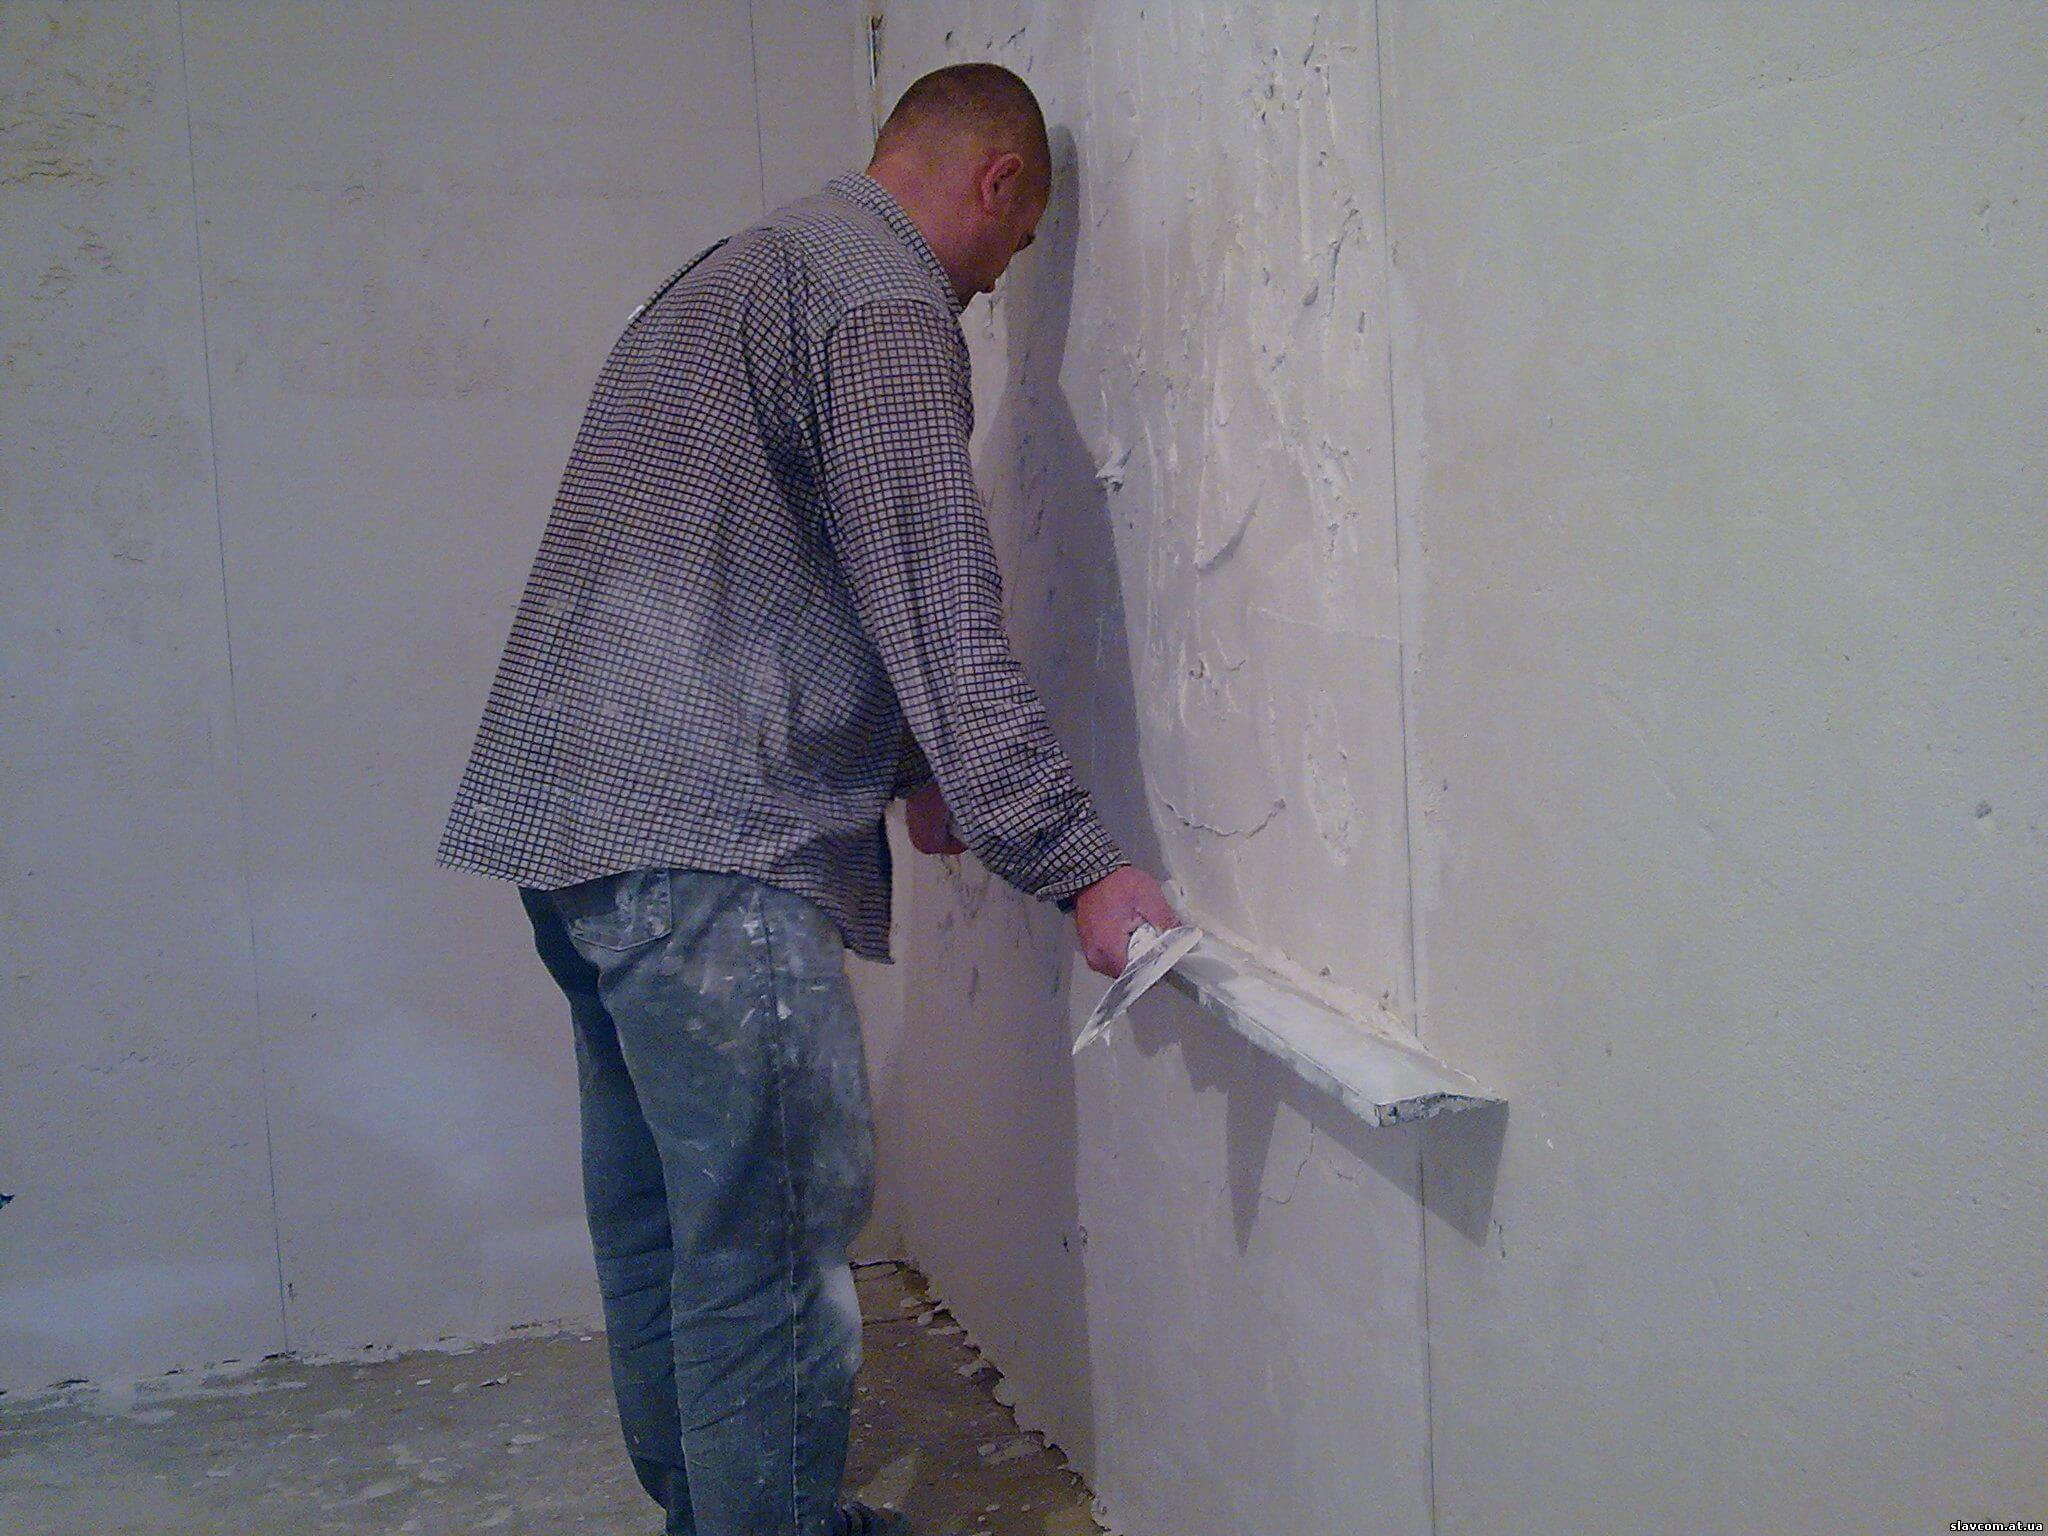 Выравнивание стен – обзор современных материалов и технологий. 120 фото и инструкция по выравниванию